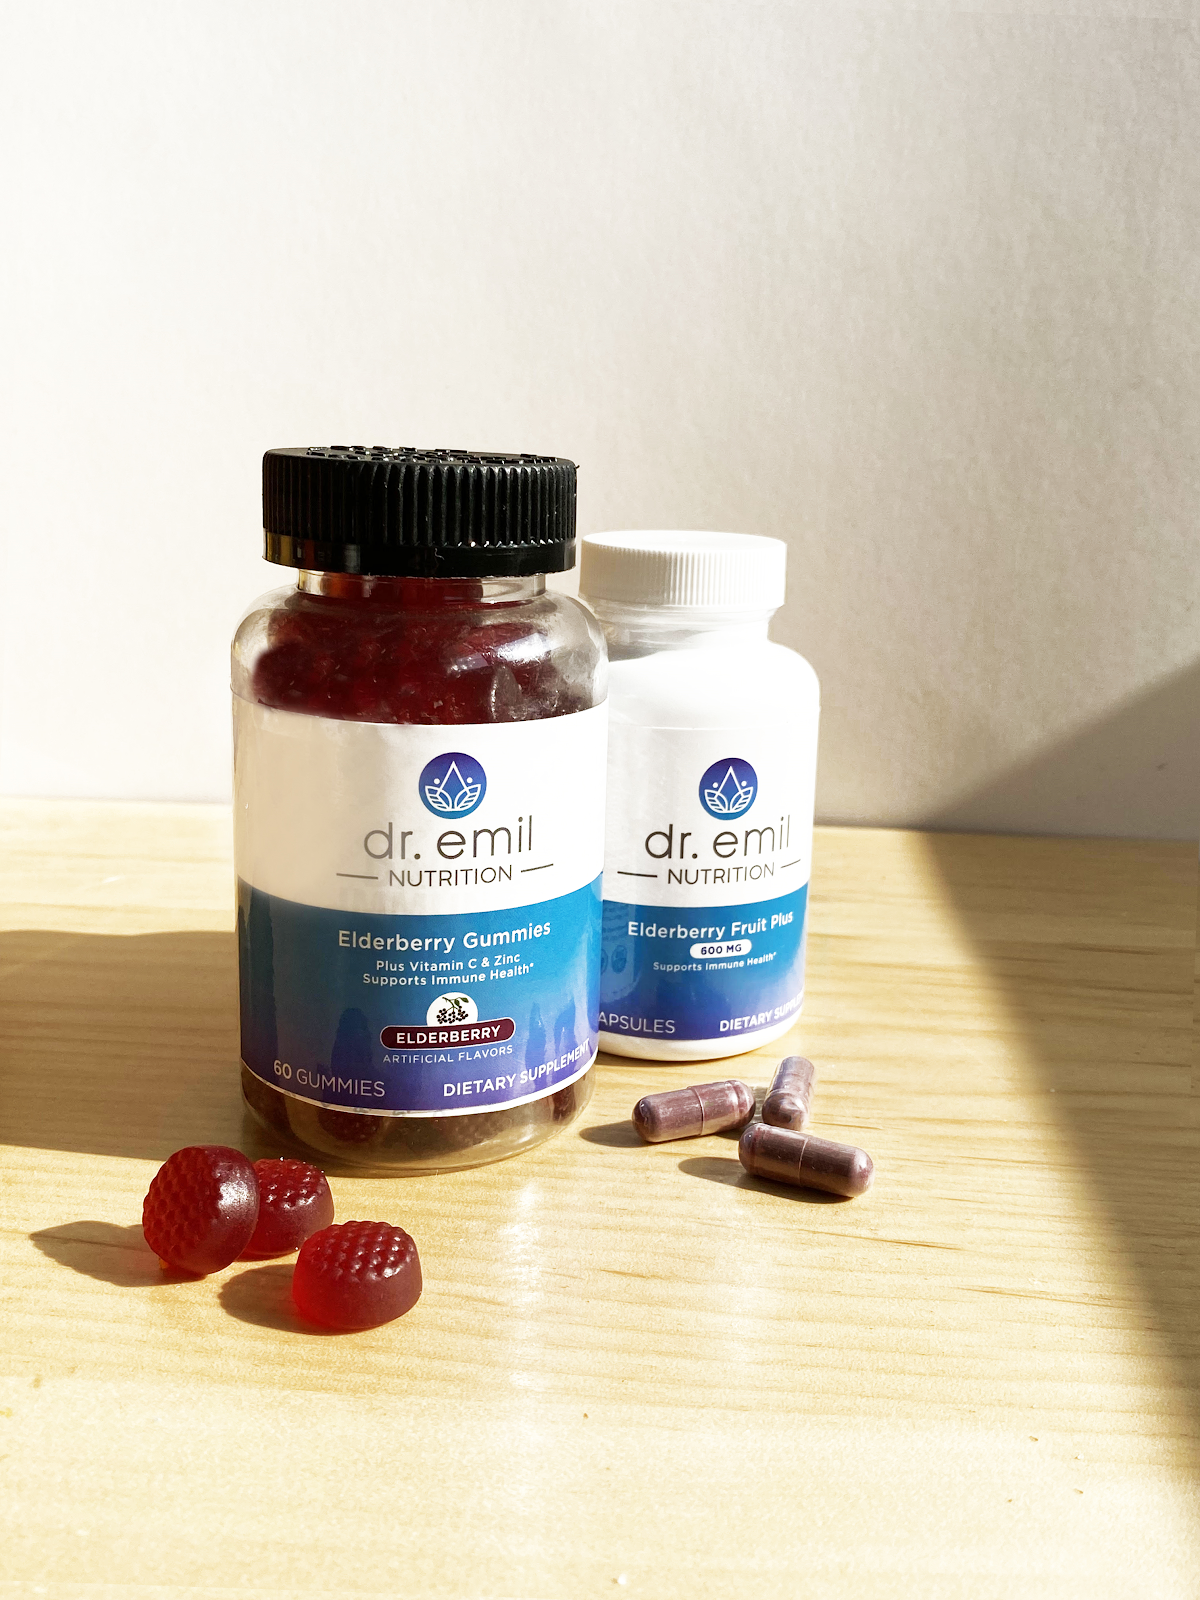 Dr. Emil Nutrition's Elderberry gummies